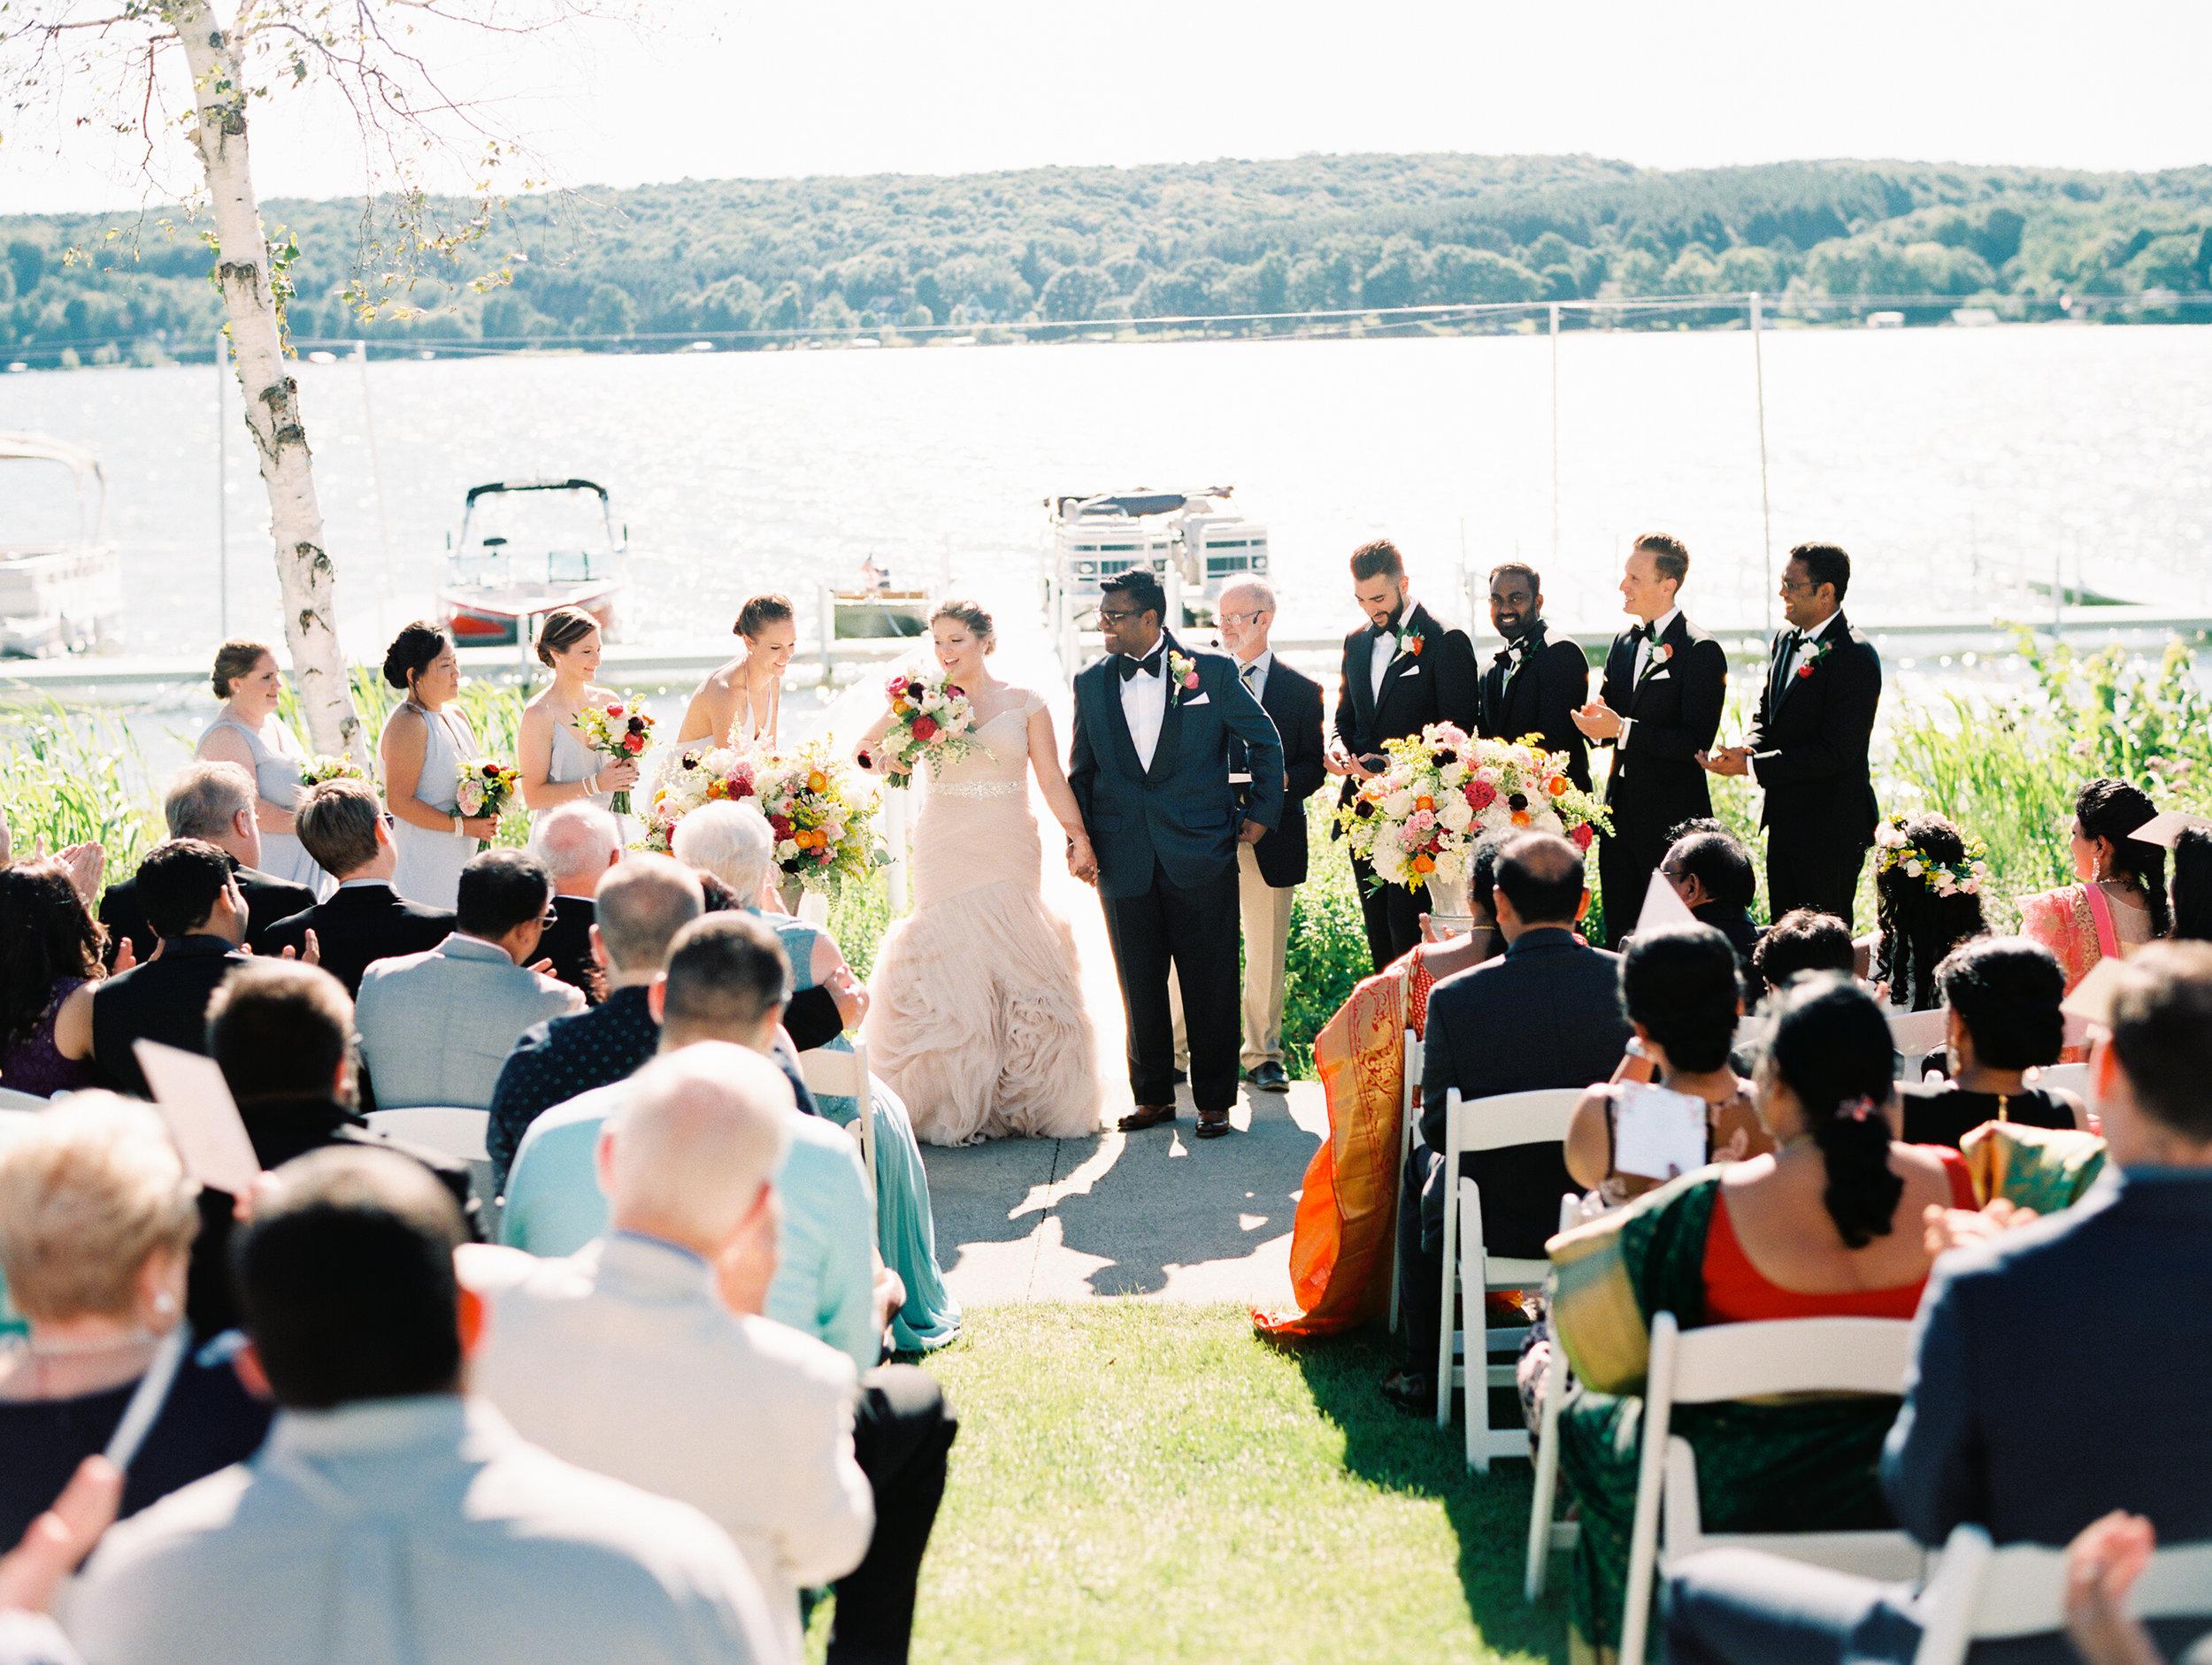 Govathoti+Wedding+Ceremony-203.jpg